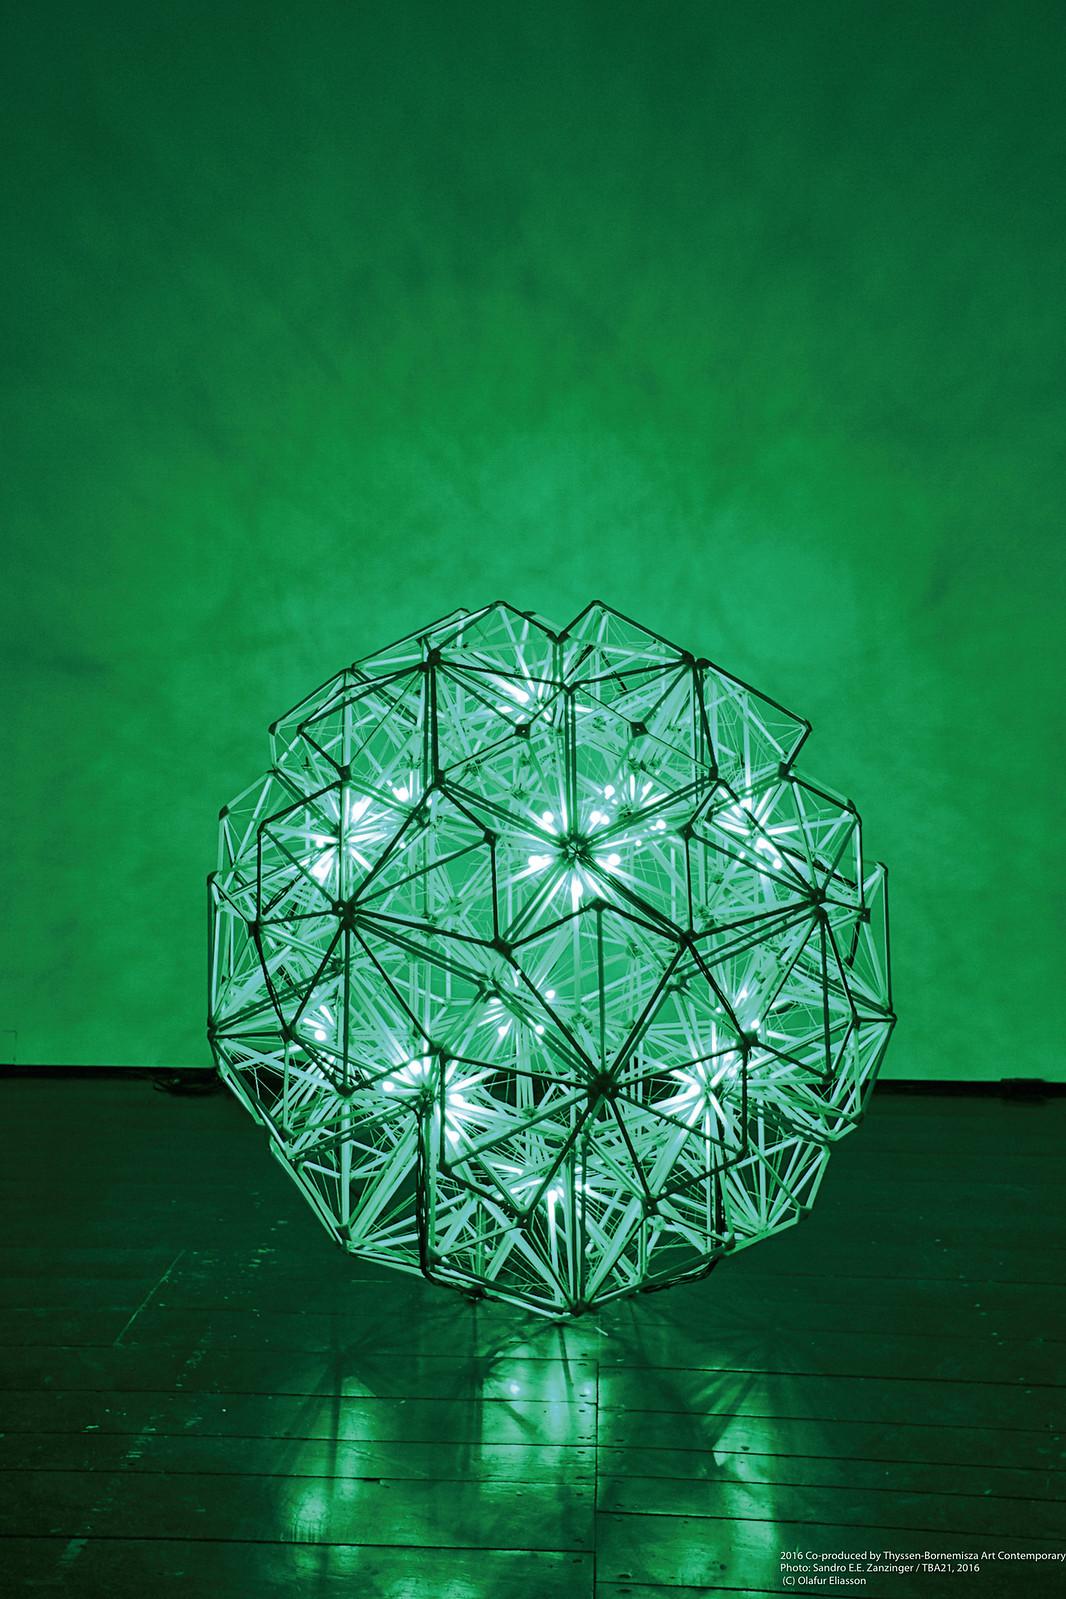 オラファー・エリアソン「Green light─アーティスティック・ワークショップ」